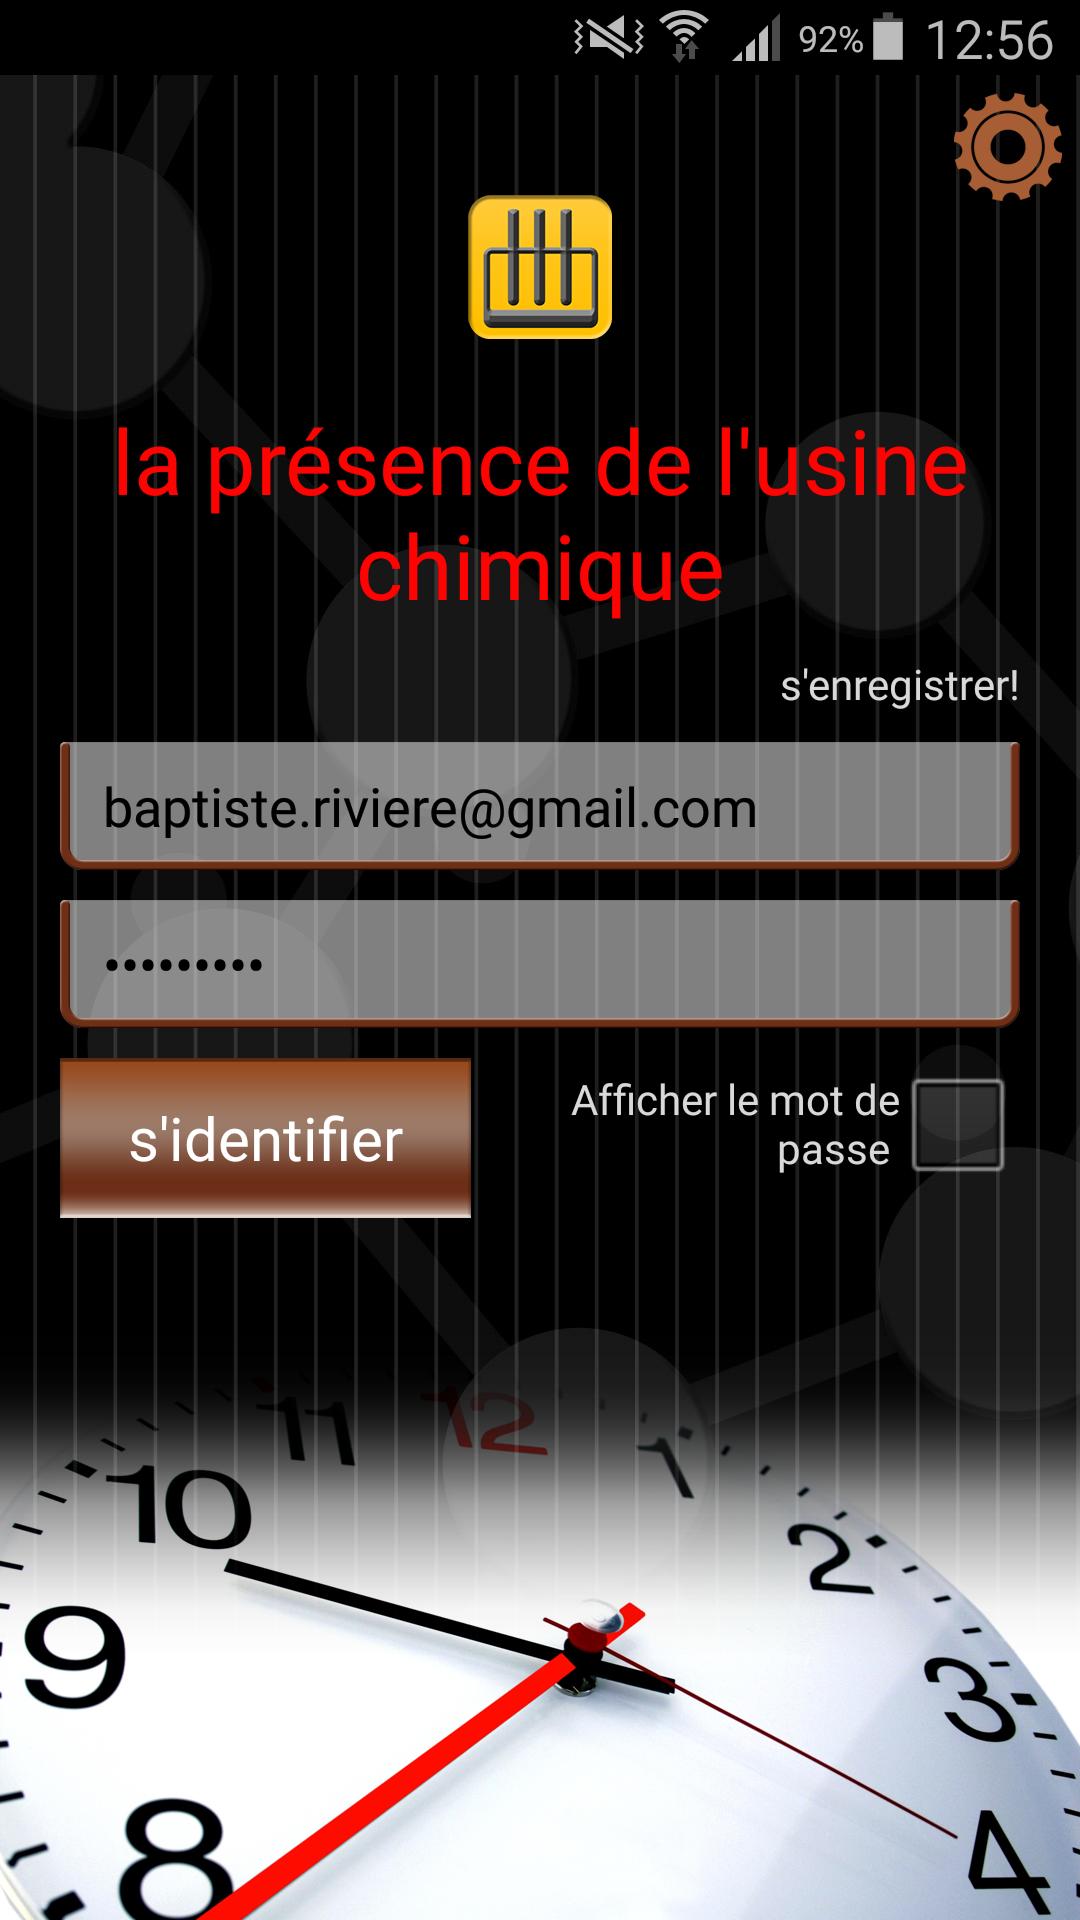 ginstr_app_chemicalPlantAttendance_FR_1